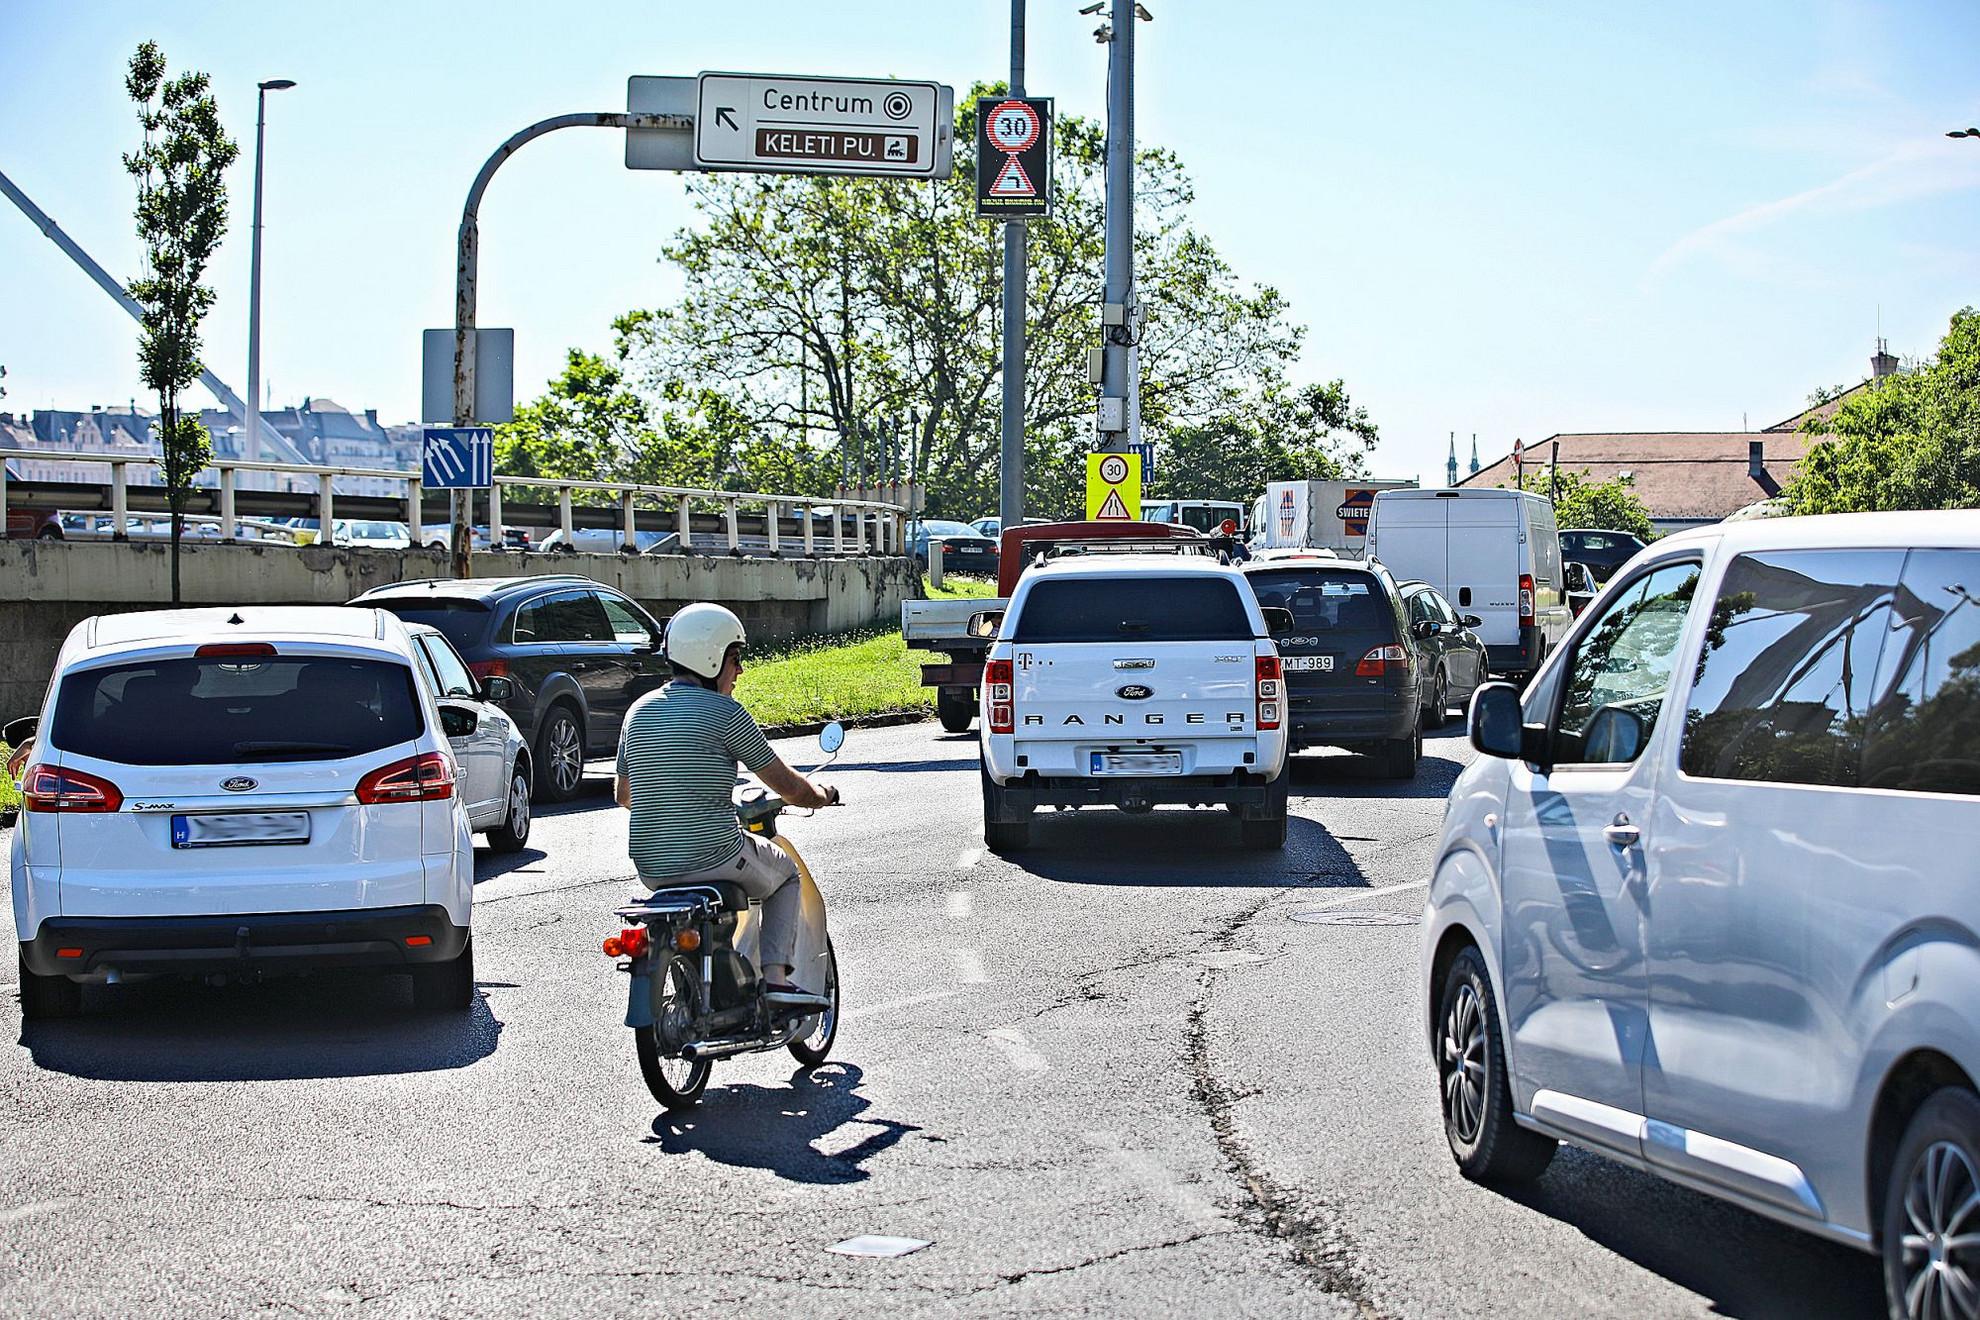 Az átgondolatlanul, egyszerre elindított budapesti fejlesztések mellett a szabálytalanul közlekedő autósok szintén növelik a forgalmi dugókat a fővárosban. A közlekedési káosz csökkentése érdekében Budapest vezetése kérhetné a Budapesti Rendőr-főkapitányságtól a forgalom irányításának elősegítését. Ennek kapcsán ismételten megkérdeztük a fővárosi önkormányzatot, hogy fordultak-e ilyen kéréssel a budapesti rendőrséghez, ám választ lapzártánkig sem kaptunk a hivataltól. Mindebből úgy tűnik, hogy a jelenlegi városvezetés kísérletet sem tesz a gondok megoldására, helyette Karácsony Gergely inkább vidéken kampányol. (SNZs)